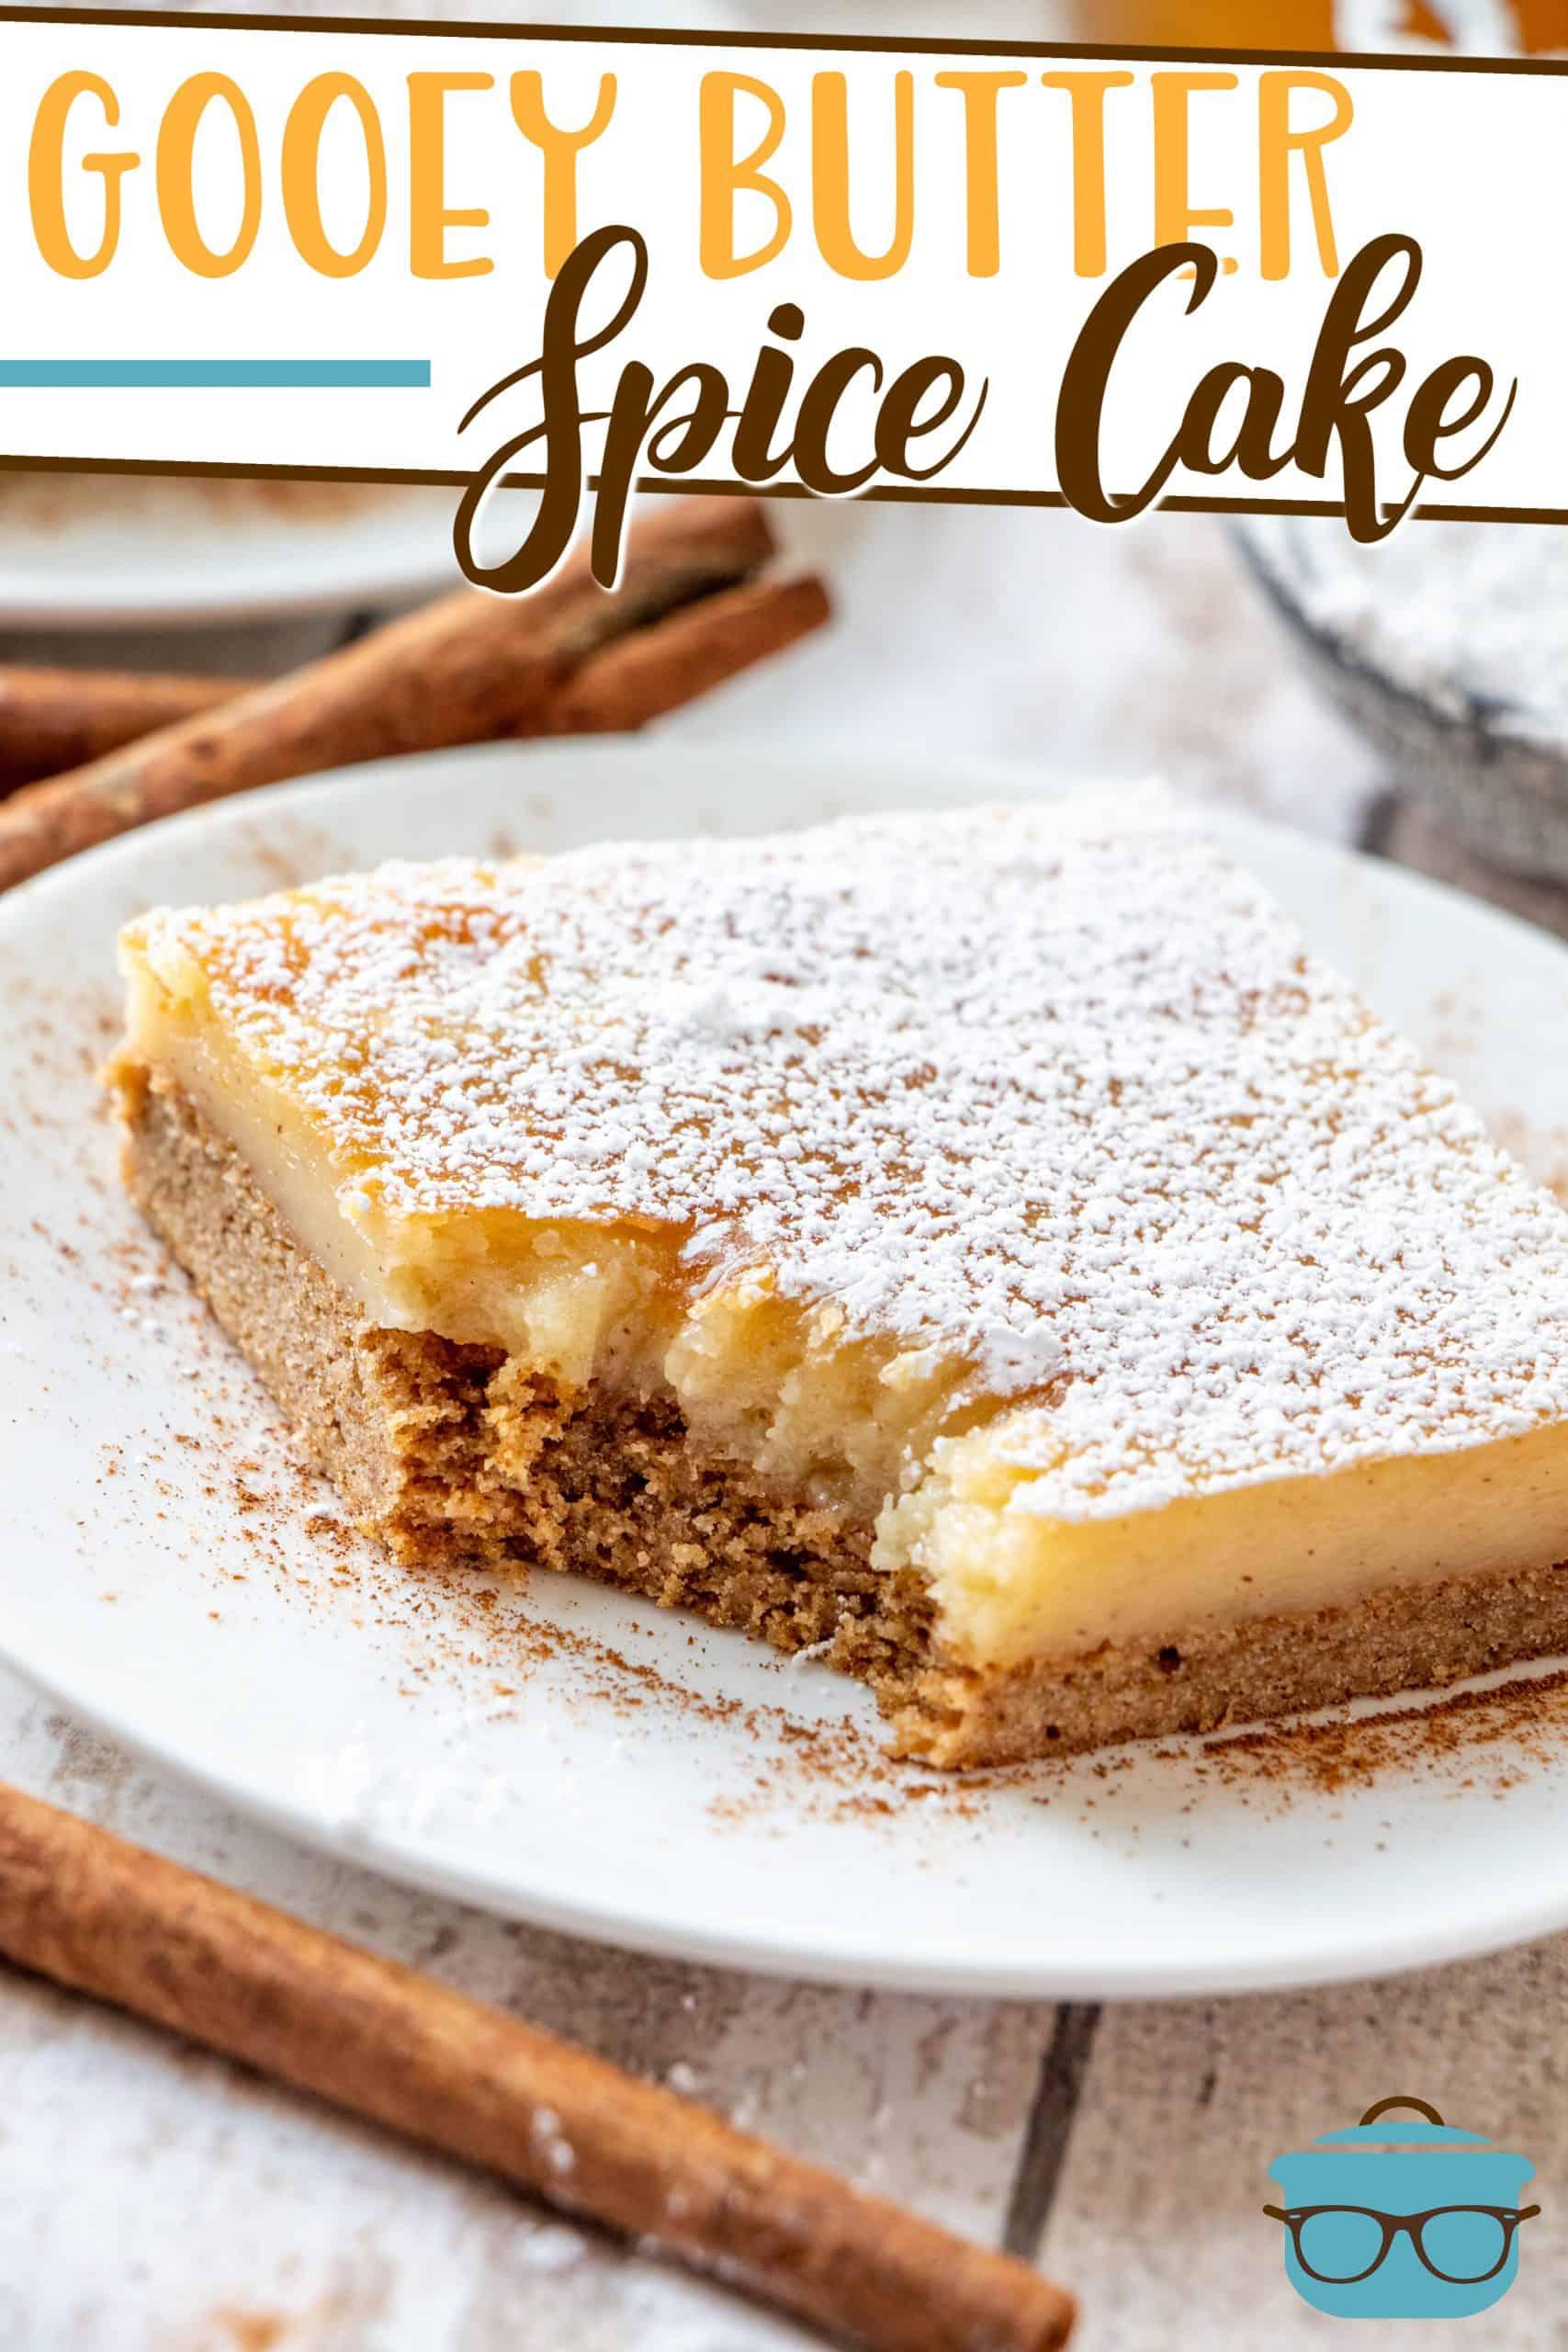 """Le gâteau aux épices au beurre gluant est fait avec un mélange de gâteau aux épices et une garniture au fromage à la crème à la cannelle. Un dessert délicieusement facile d'inspiration automnale! """"Data-pin-description ="""" Le gâteau aux épices au beurre gluant est fait avec un mélange pour gâteau aux épices et une garniture au fromage à la crème à la cannelle. Un dessert délicieusement facile et inspiré de l'automne! """"Data-pin-url ="""" https://www.thecountrycook.net/gooey-butter-spice-cake/ """"src ="""" https://www.thecountrycook.net/wp- content / uploads / 2020/09 / Gooey-Butter-Spice-Cake-main-image-scaled.jpg """"/><noscript><img class="""